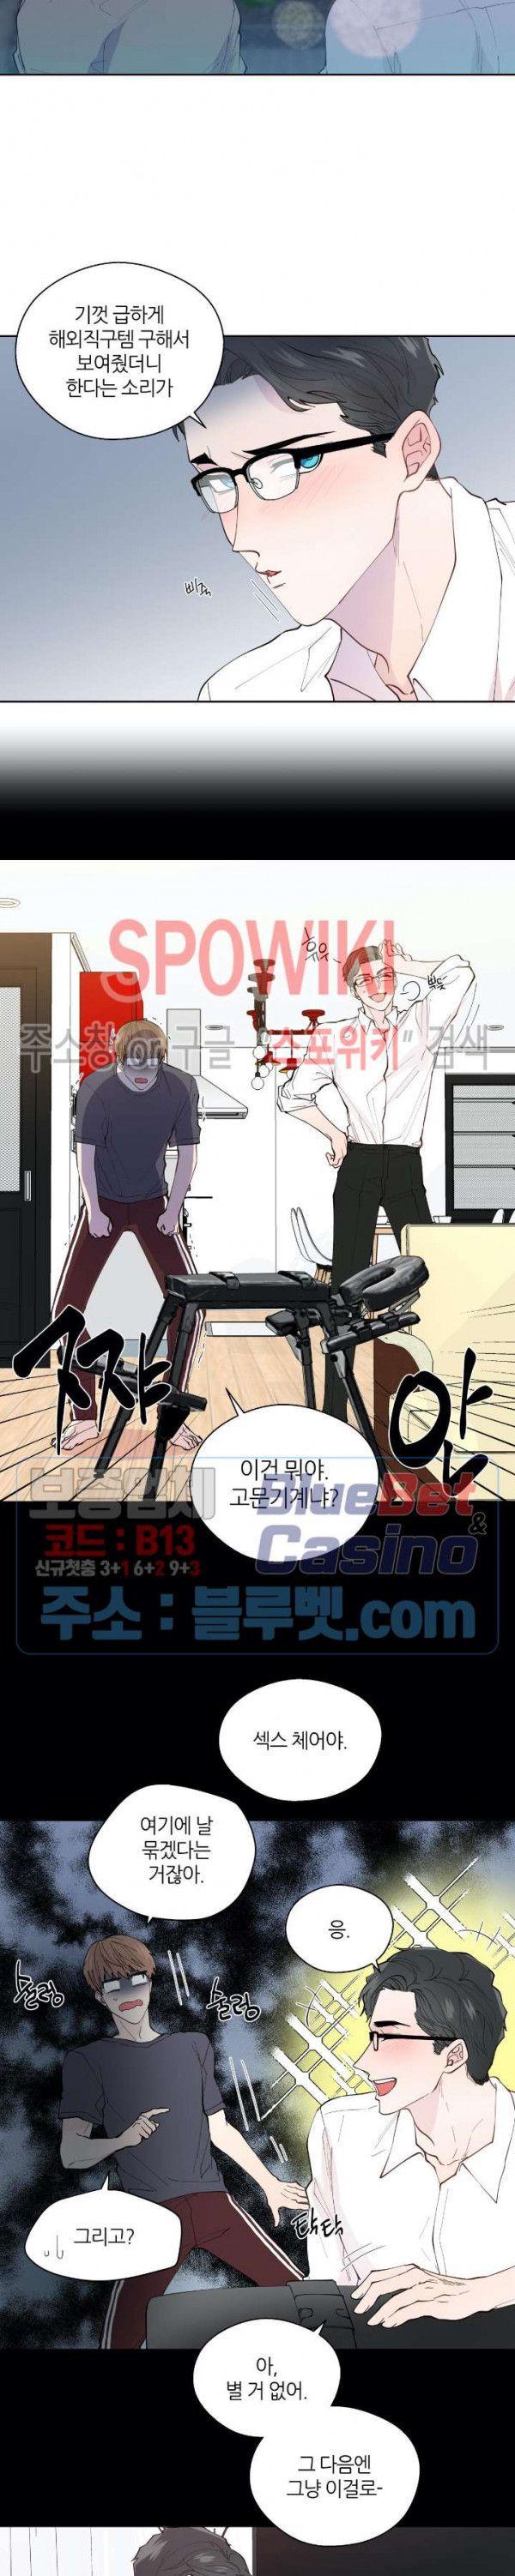 정숙한 남자 109화 외전 7화 in 2020 Poster, Movie posters, Anime